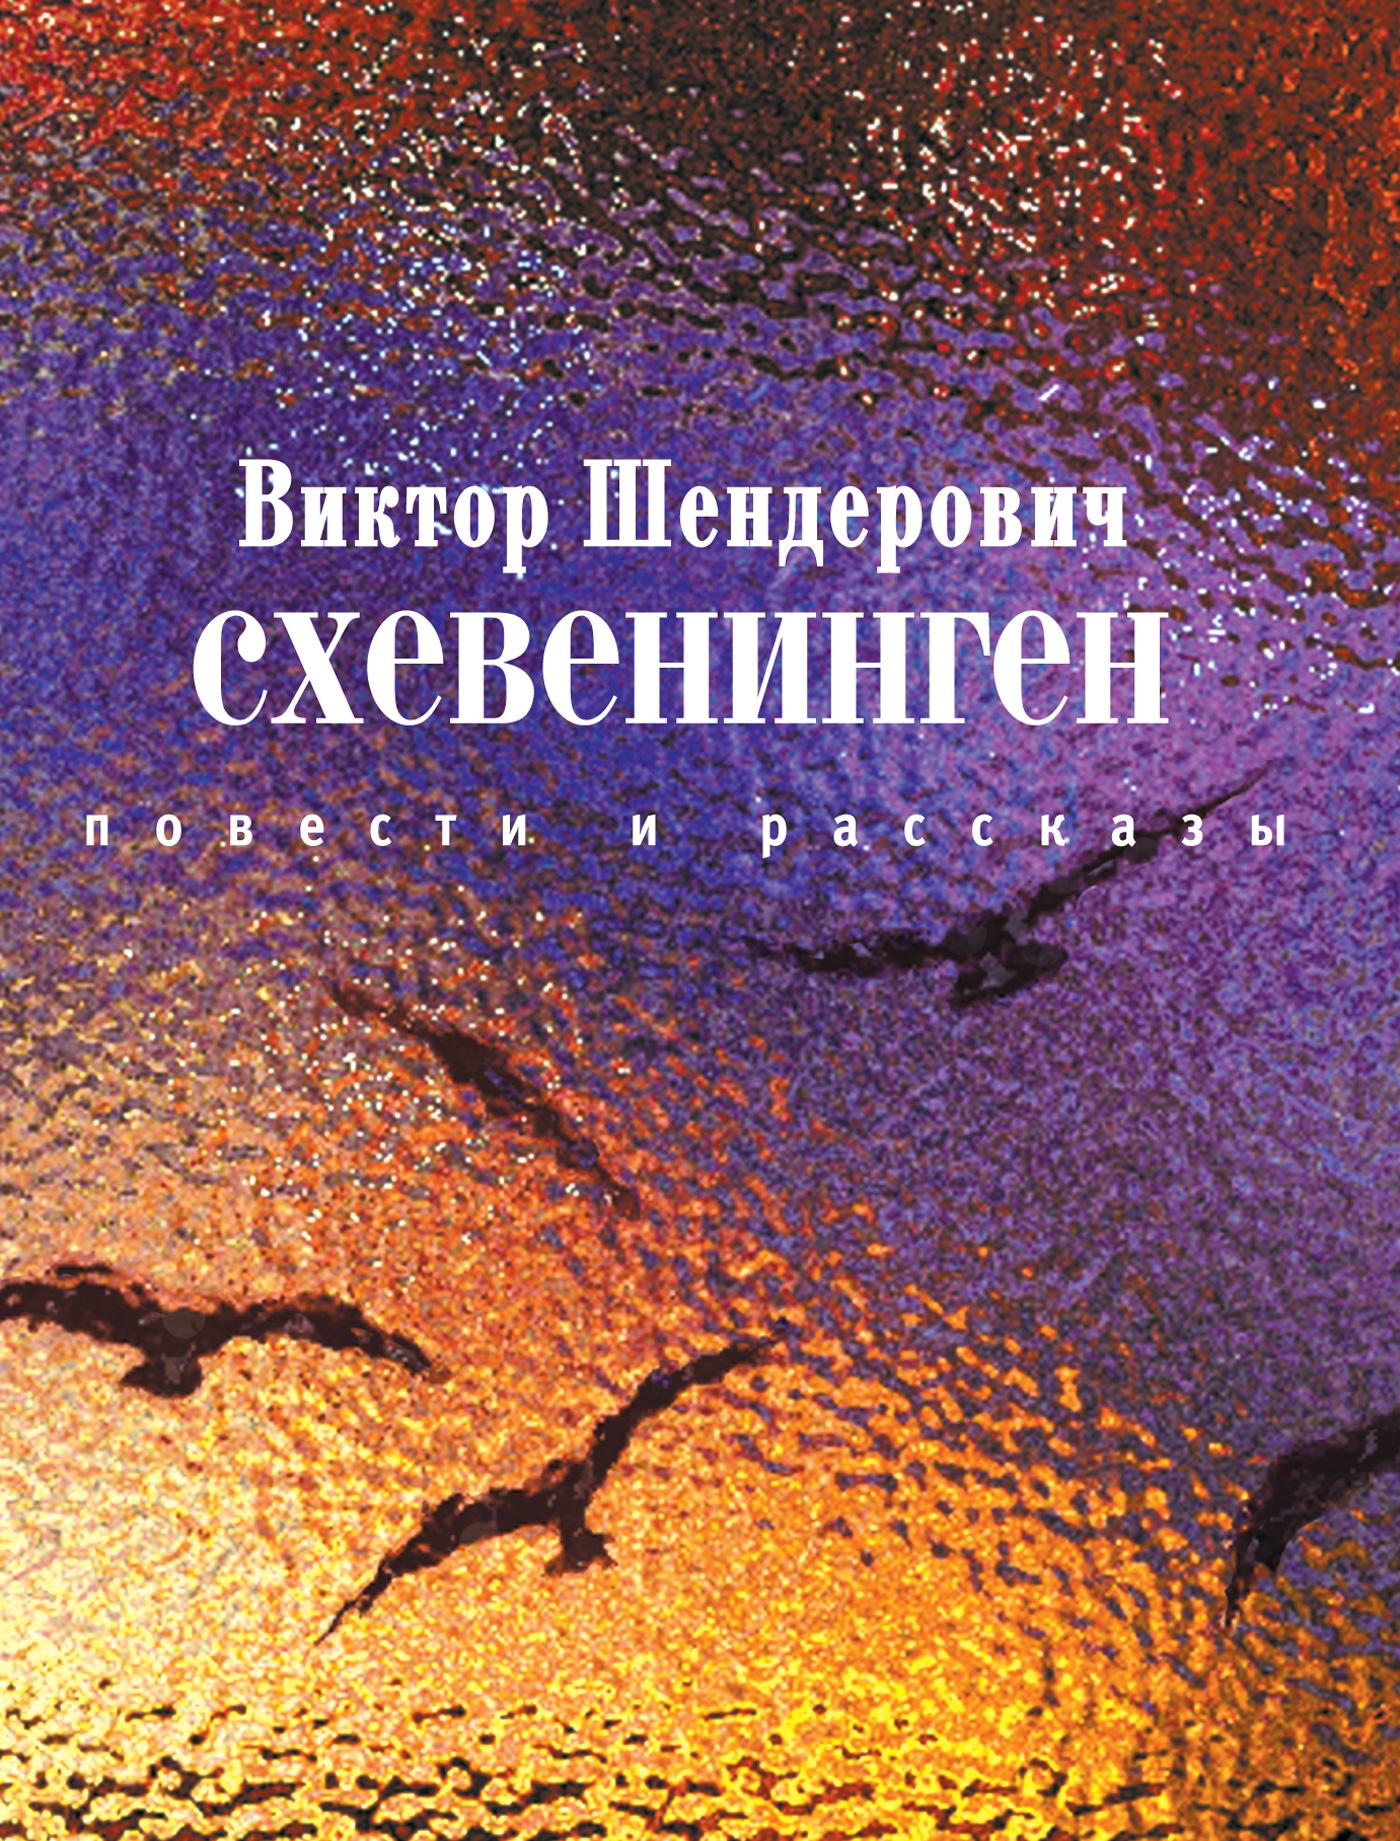 Виктор Шендерович Схевенинген (сборник)